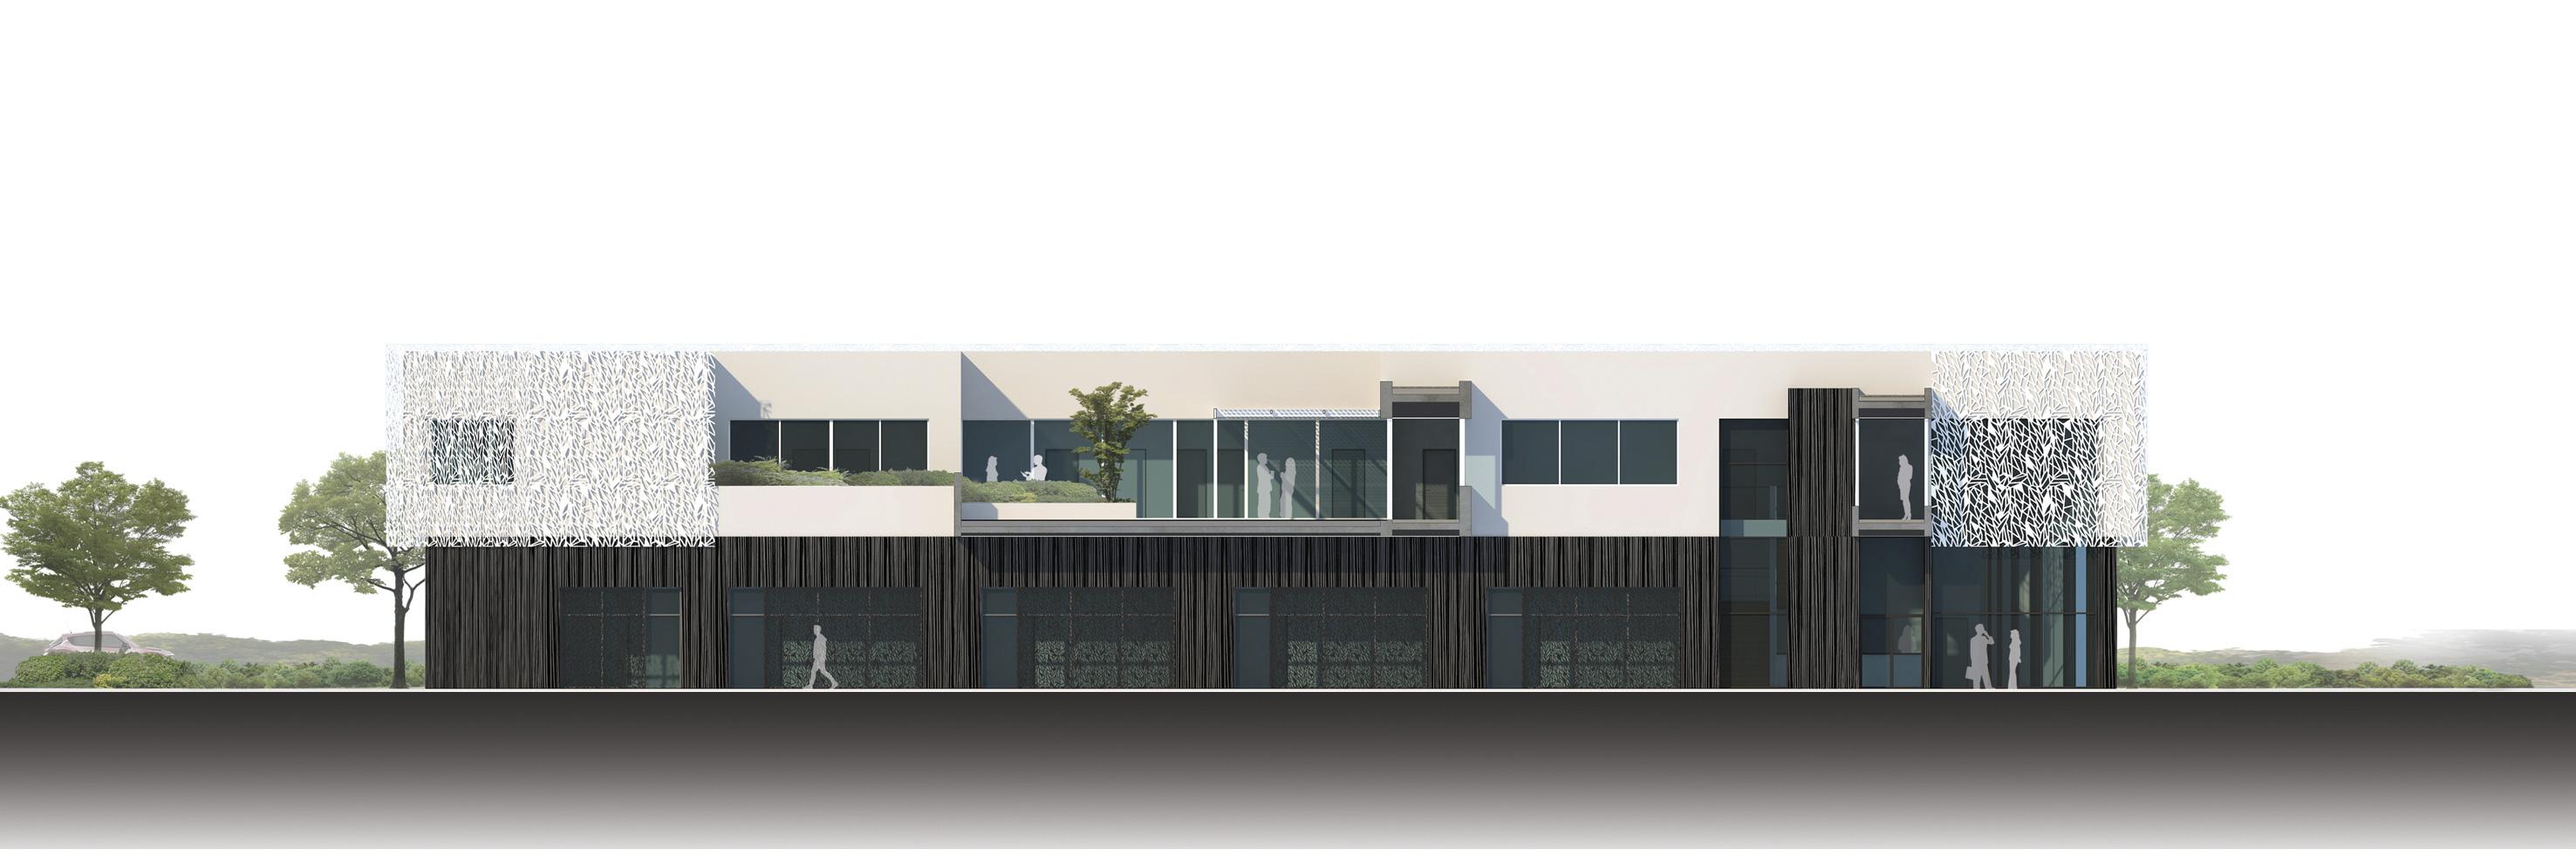 Coupe Pépinière entreprises Heliope bf architecture 6